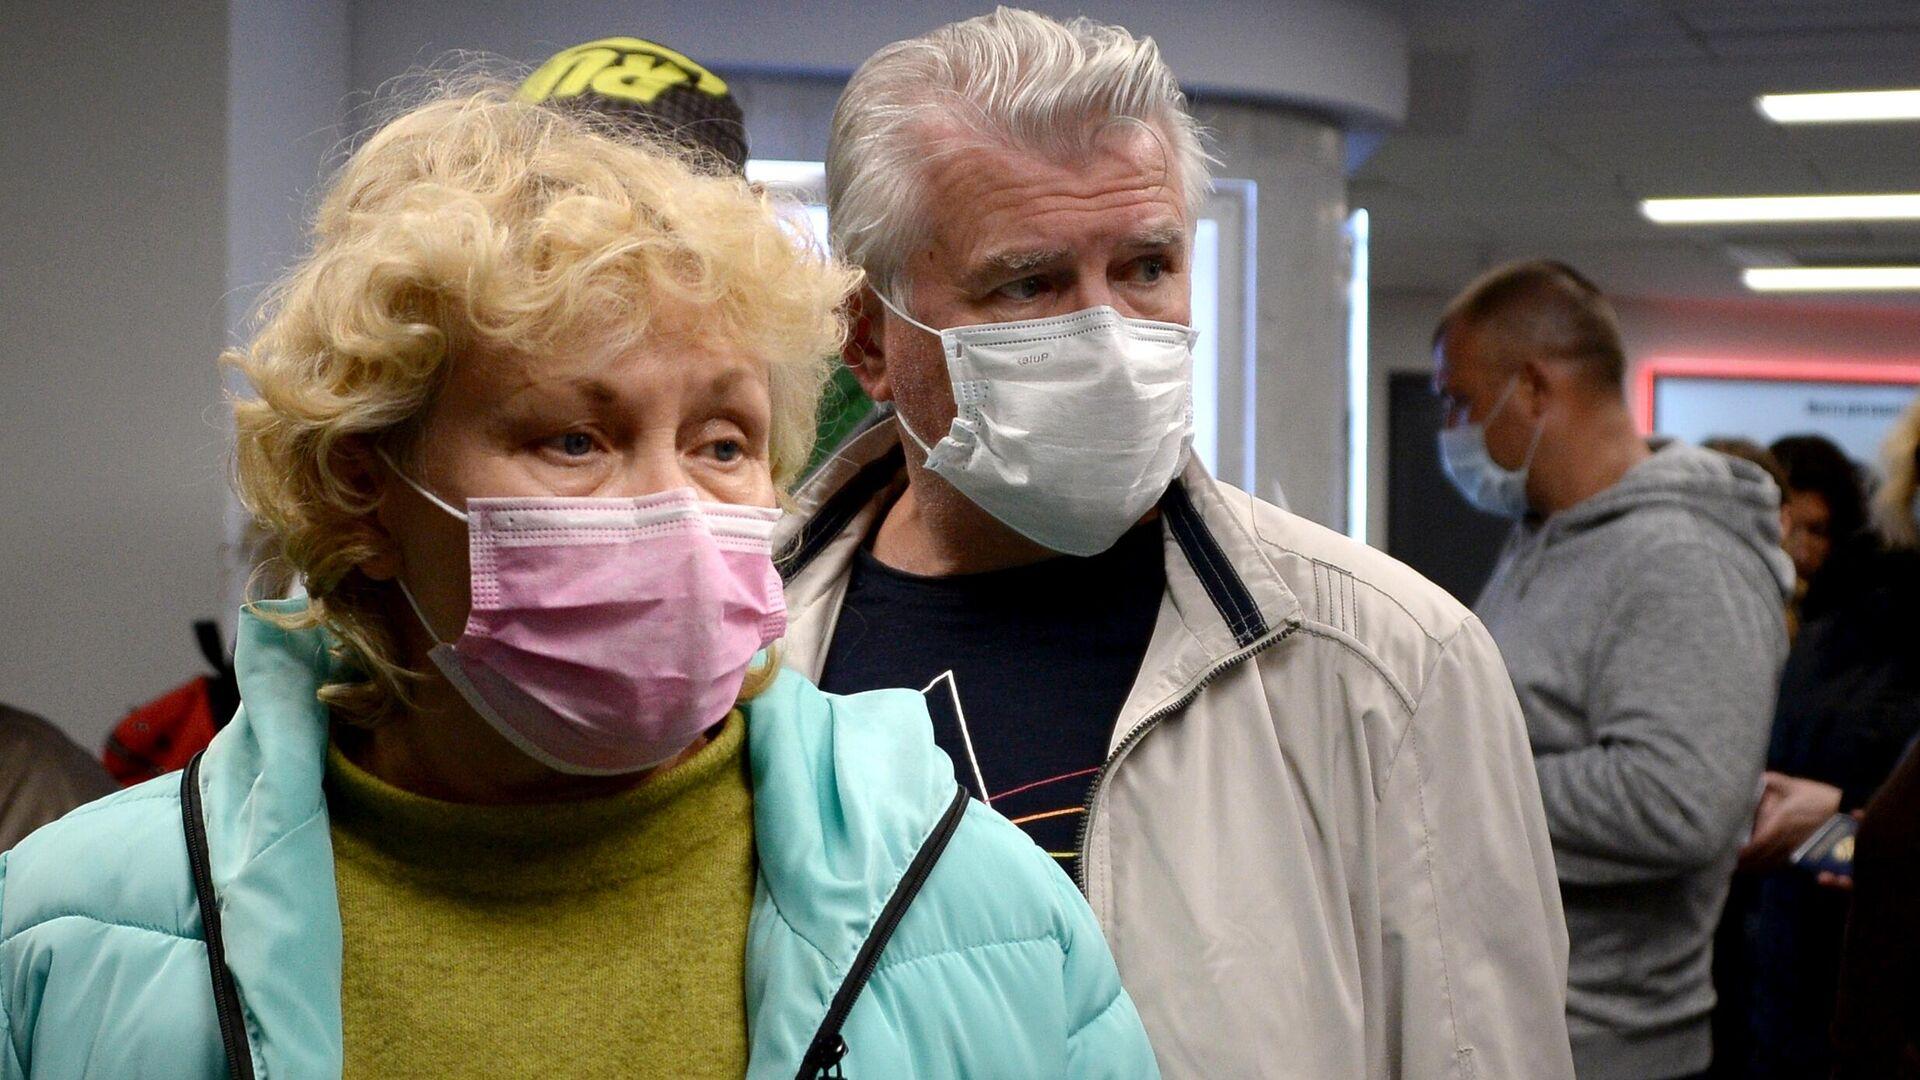 Пассажиры в защитных масках в национальном аэропорту Минск - РИА Новости, 1920, 11.02.2021